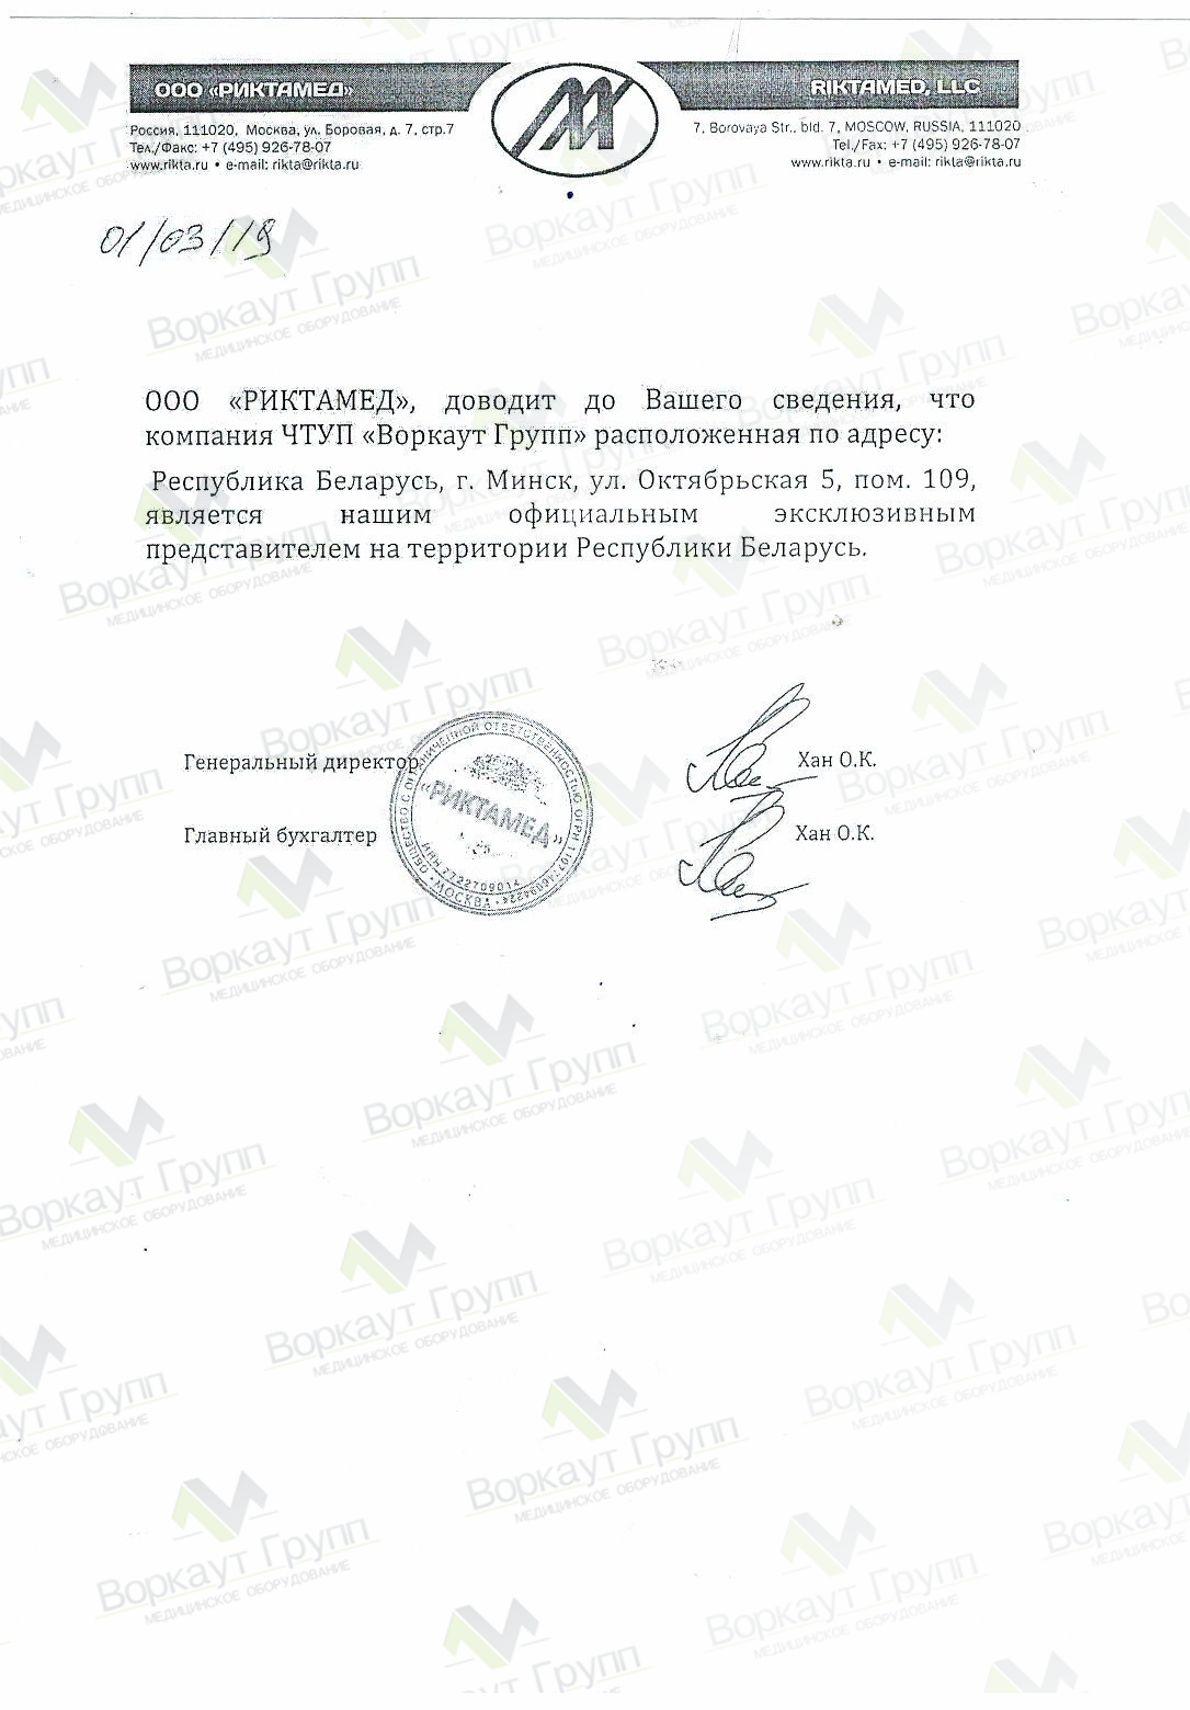 РИКТА официальное разрешение для Воркаут Групп